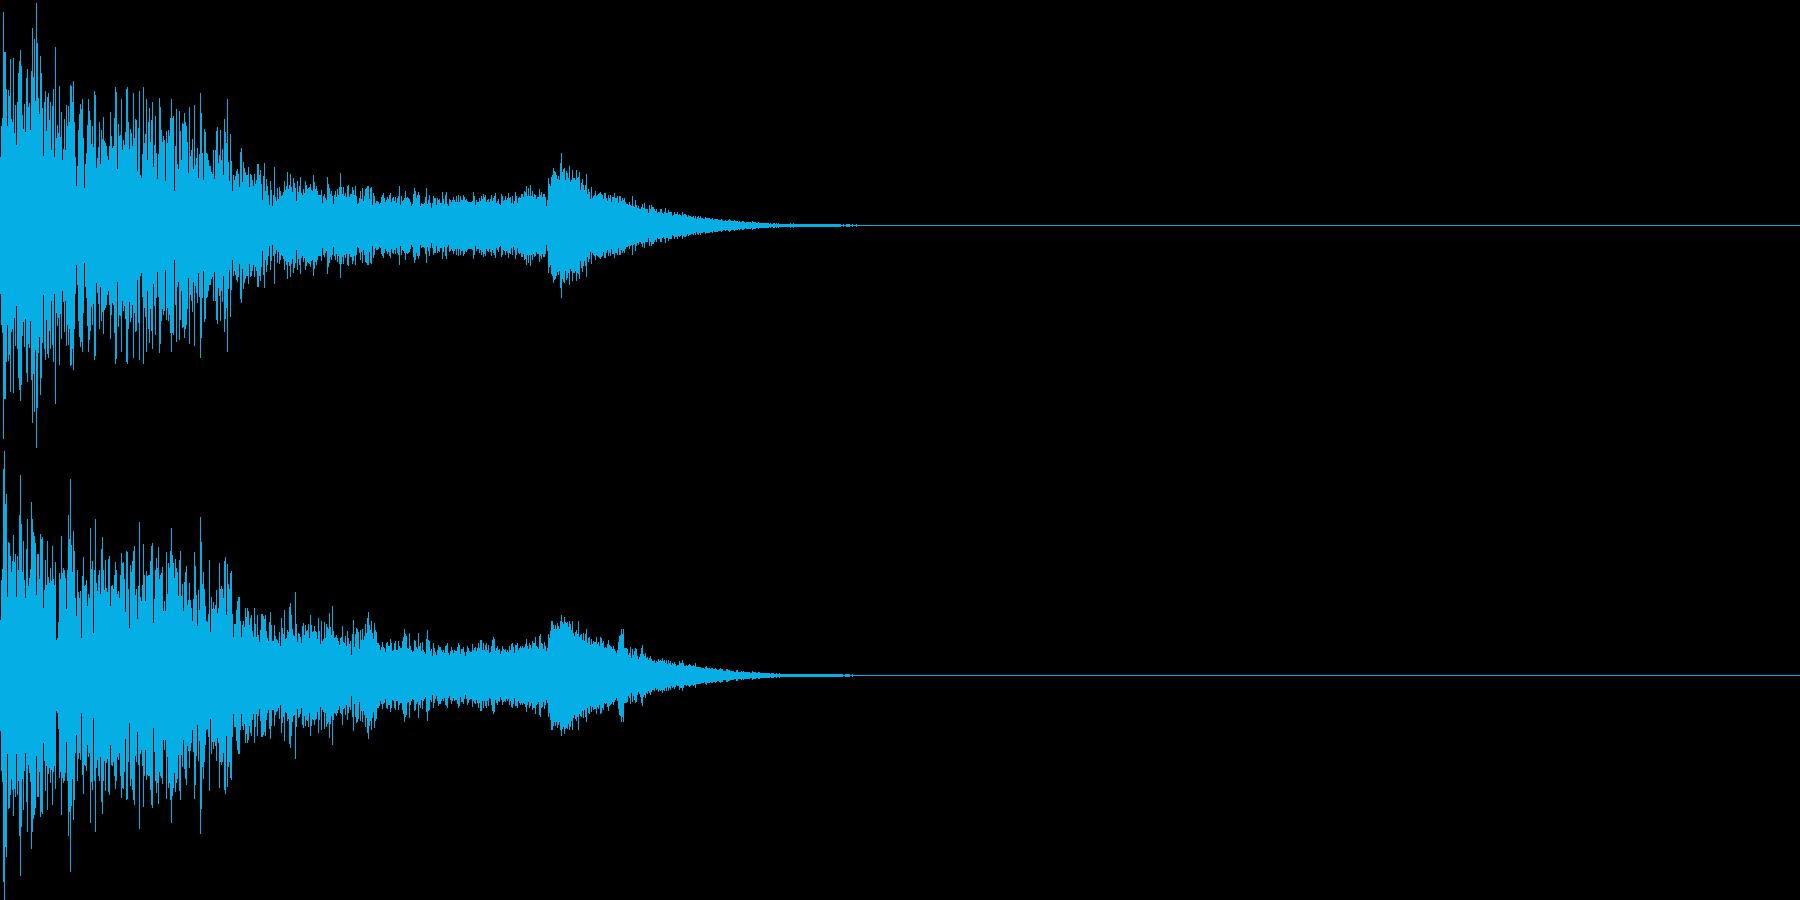 衝撃 金属音 恐怖 震撼 ホラー 34の再生済みの波形